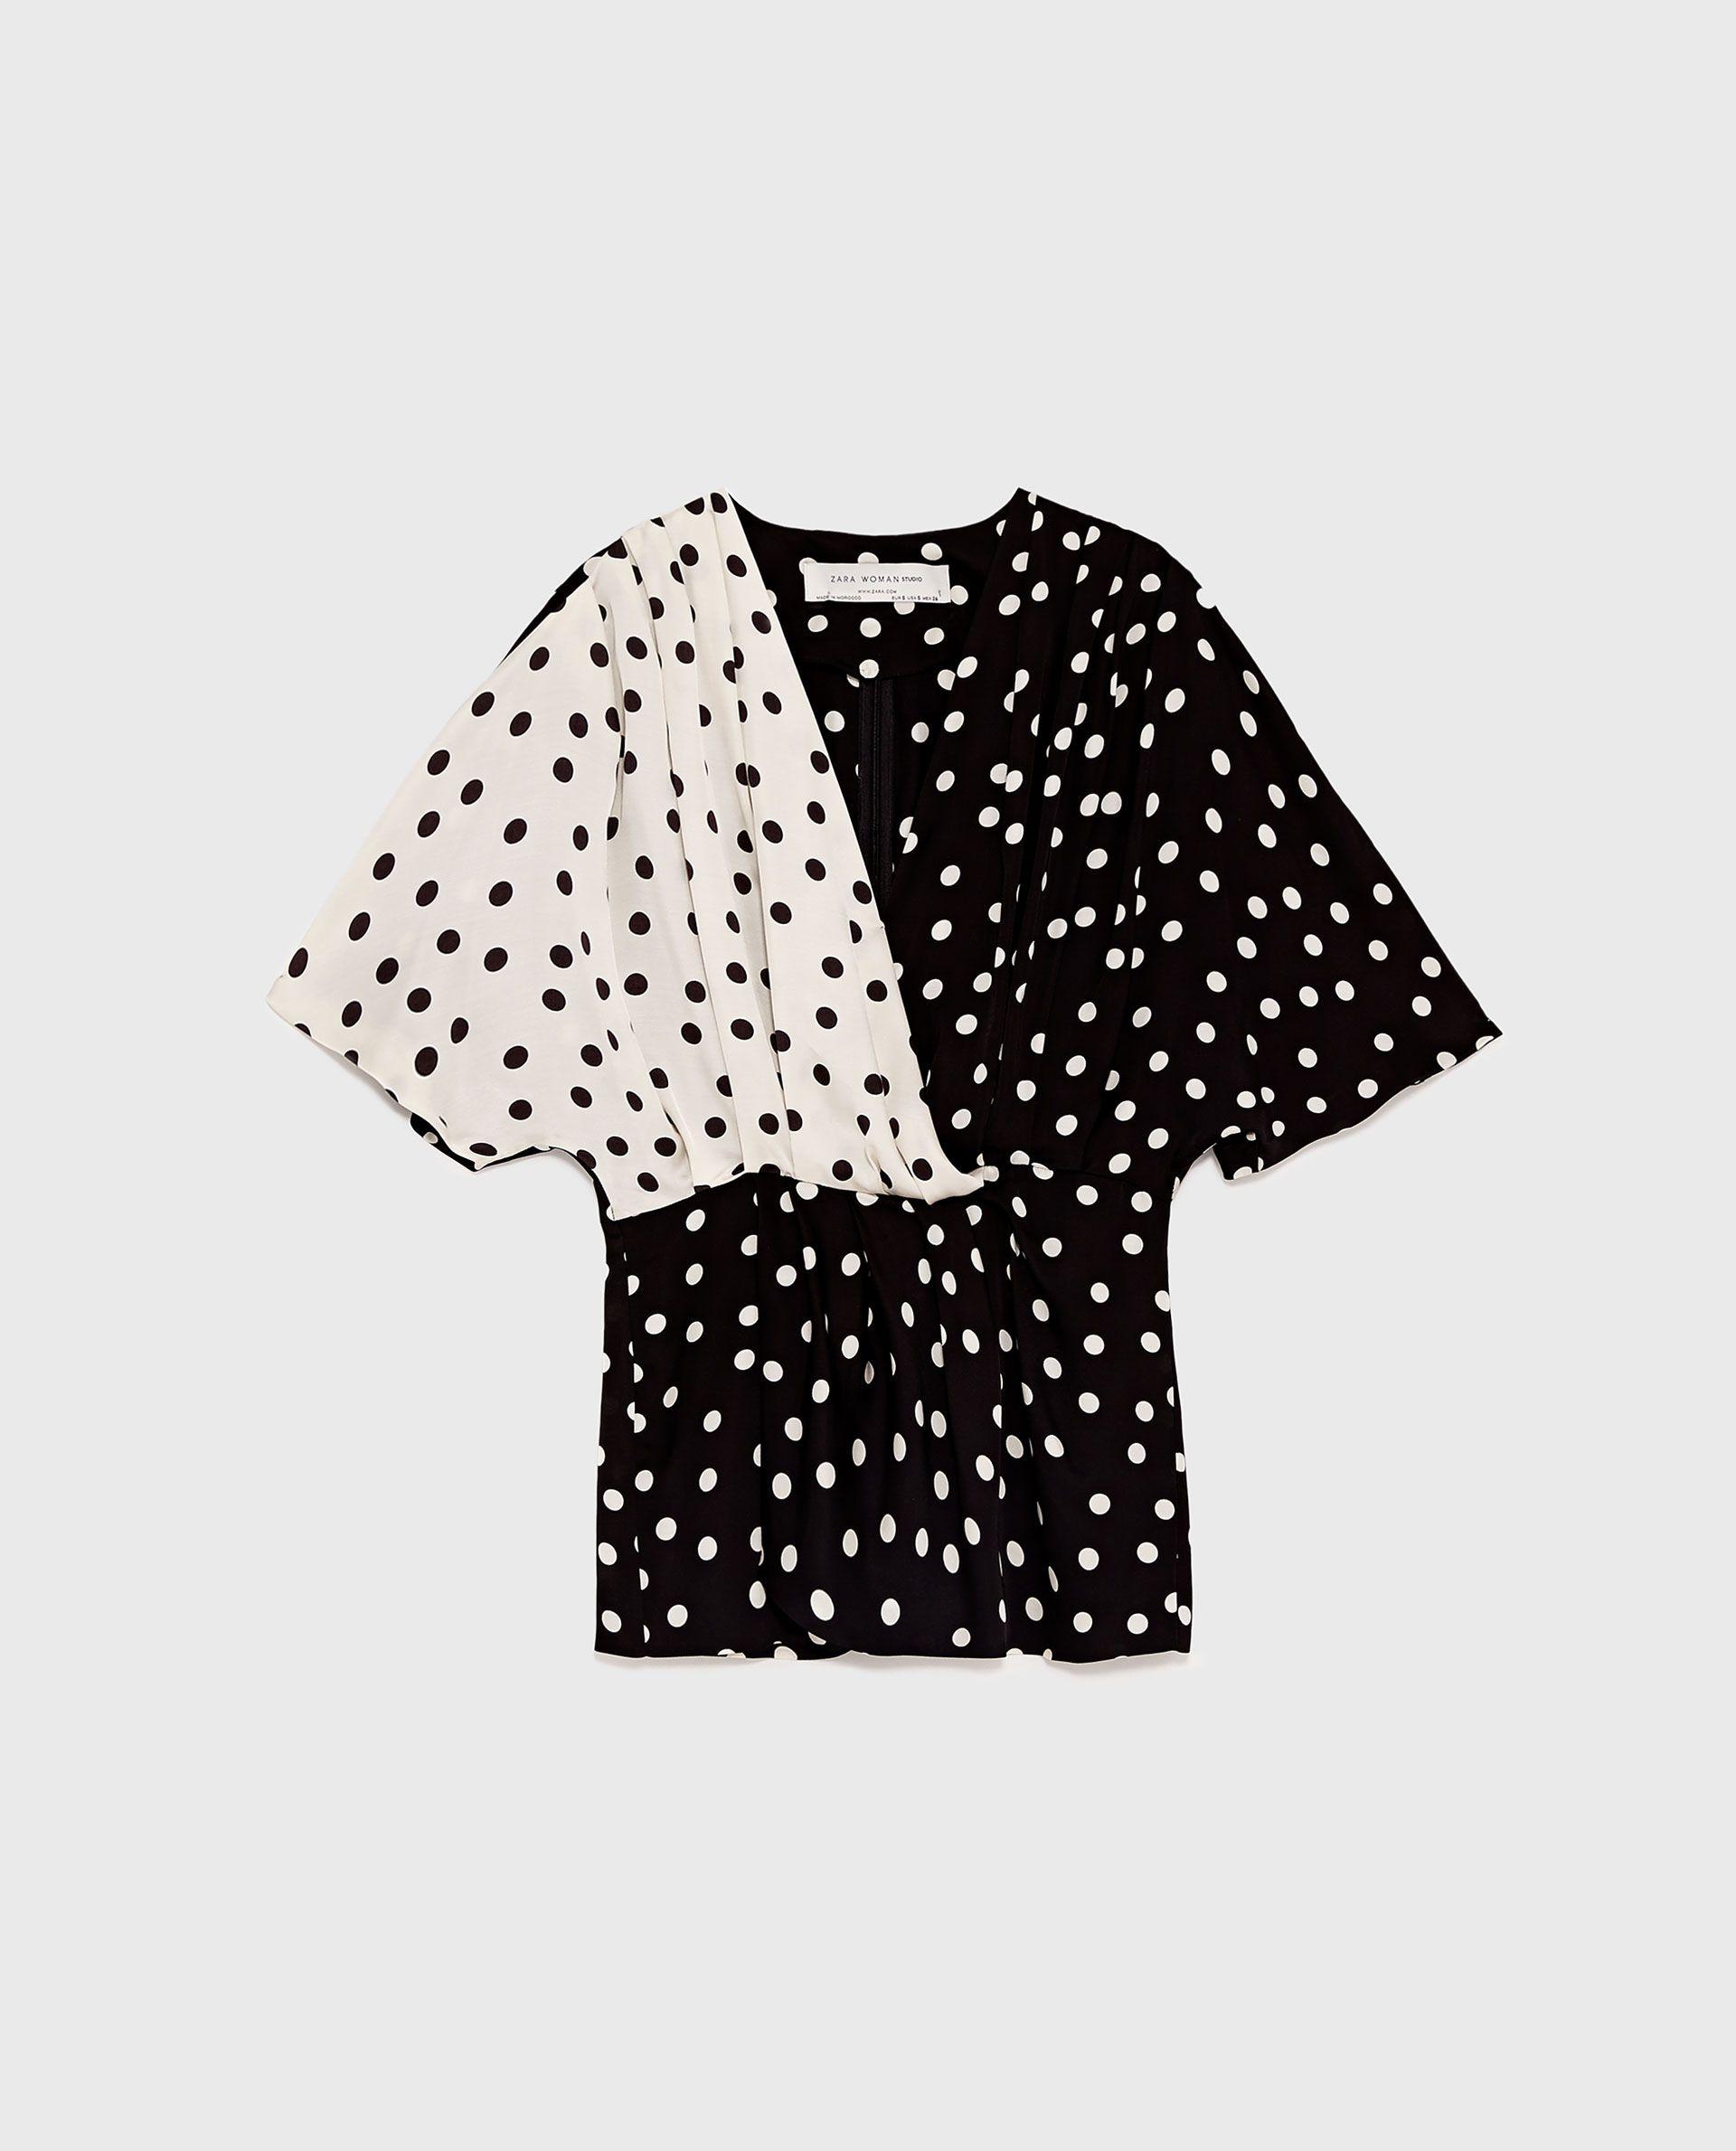 camisa puntos zara 2017